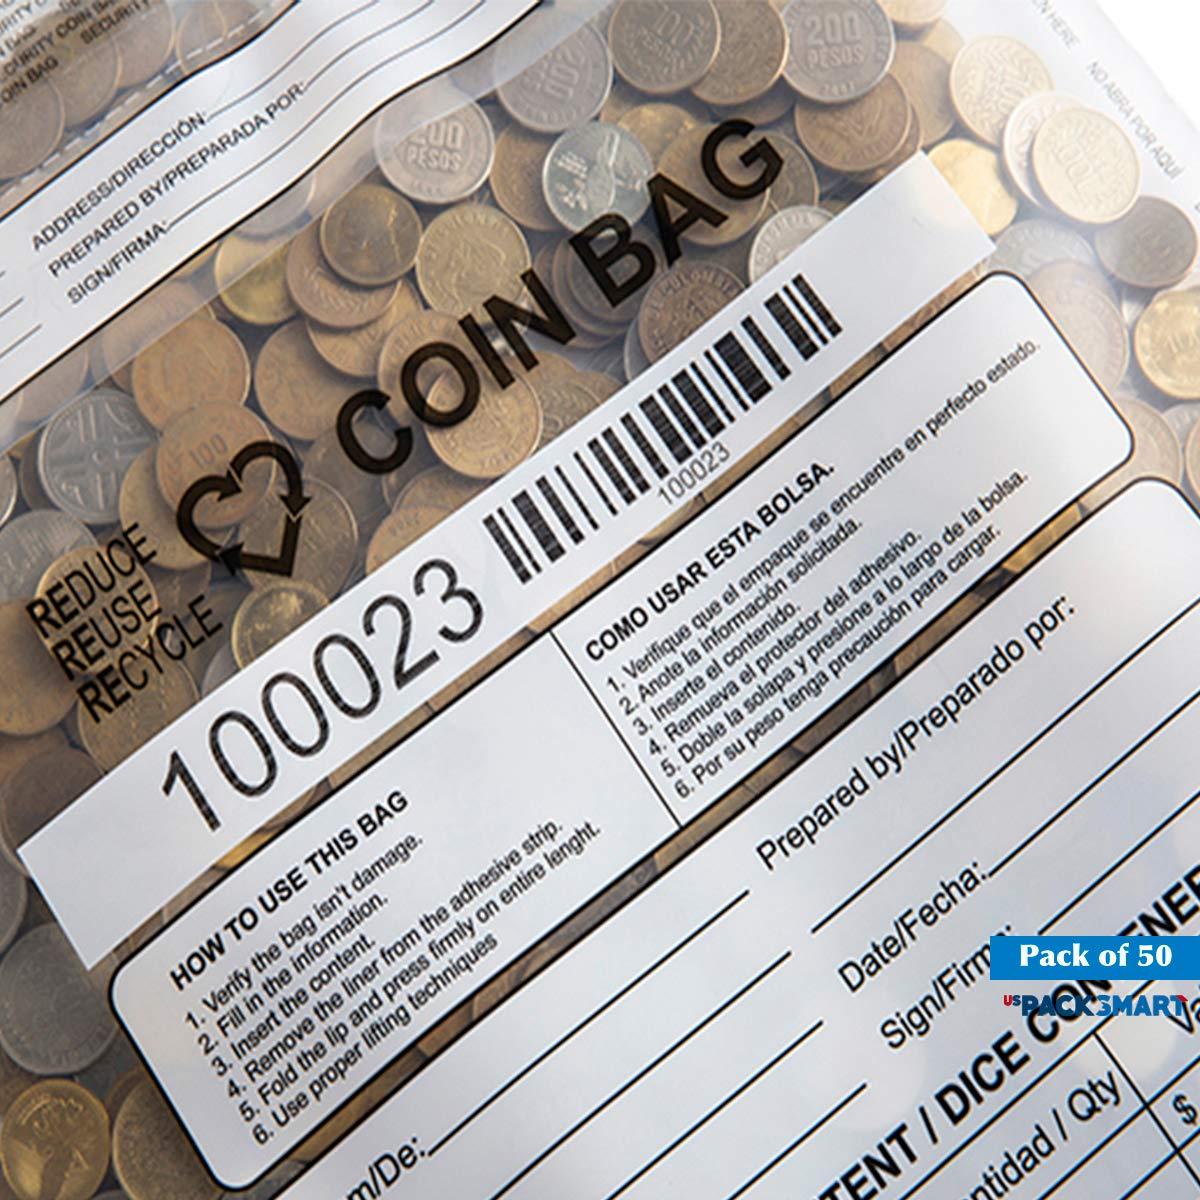 Amazon.com: Bolsas de monedas USPACKSMART, bolsas de ...